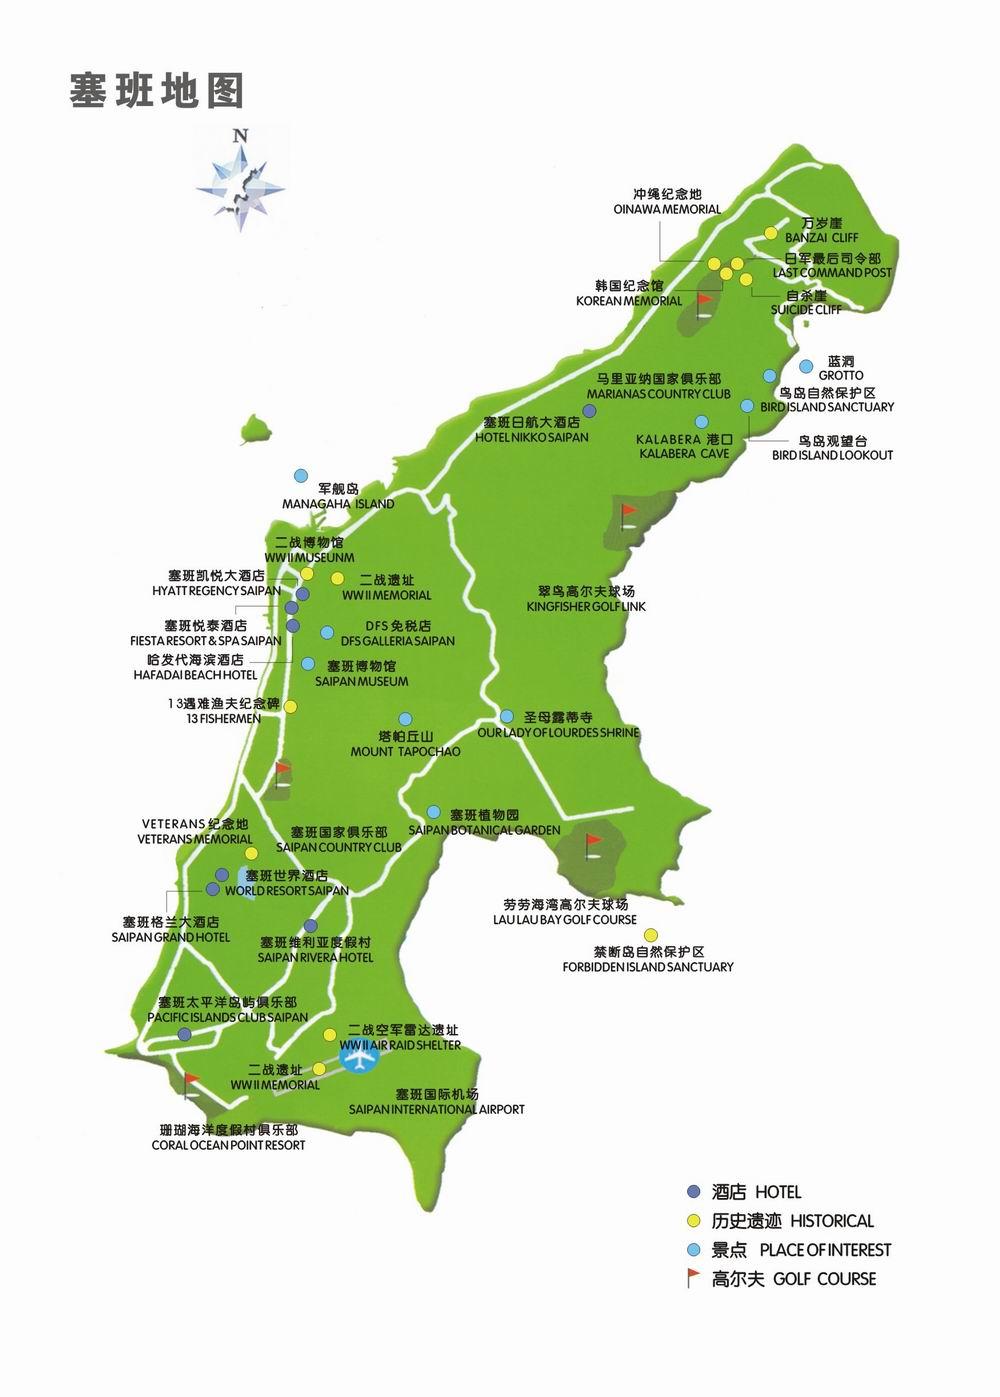 塞班岛旅游地图